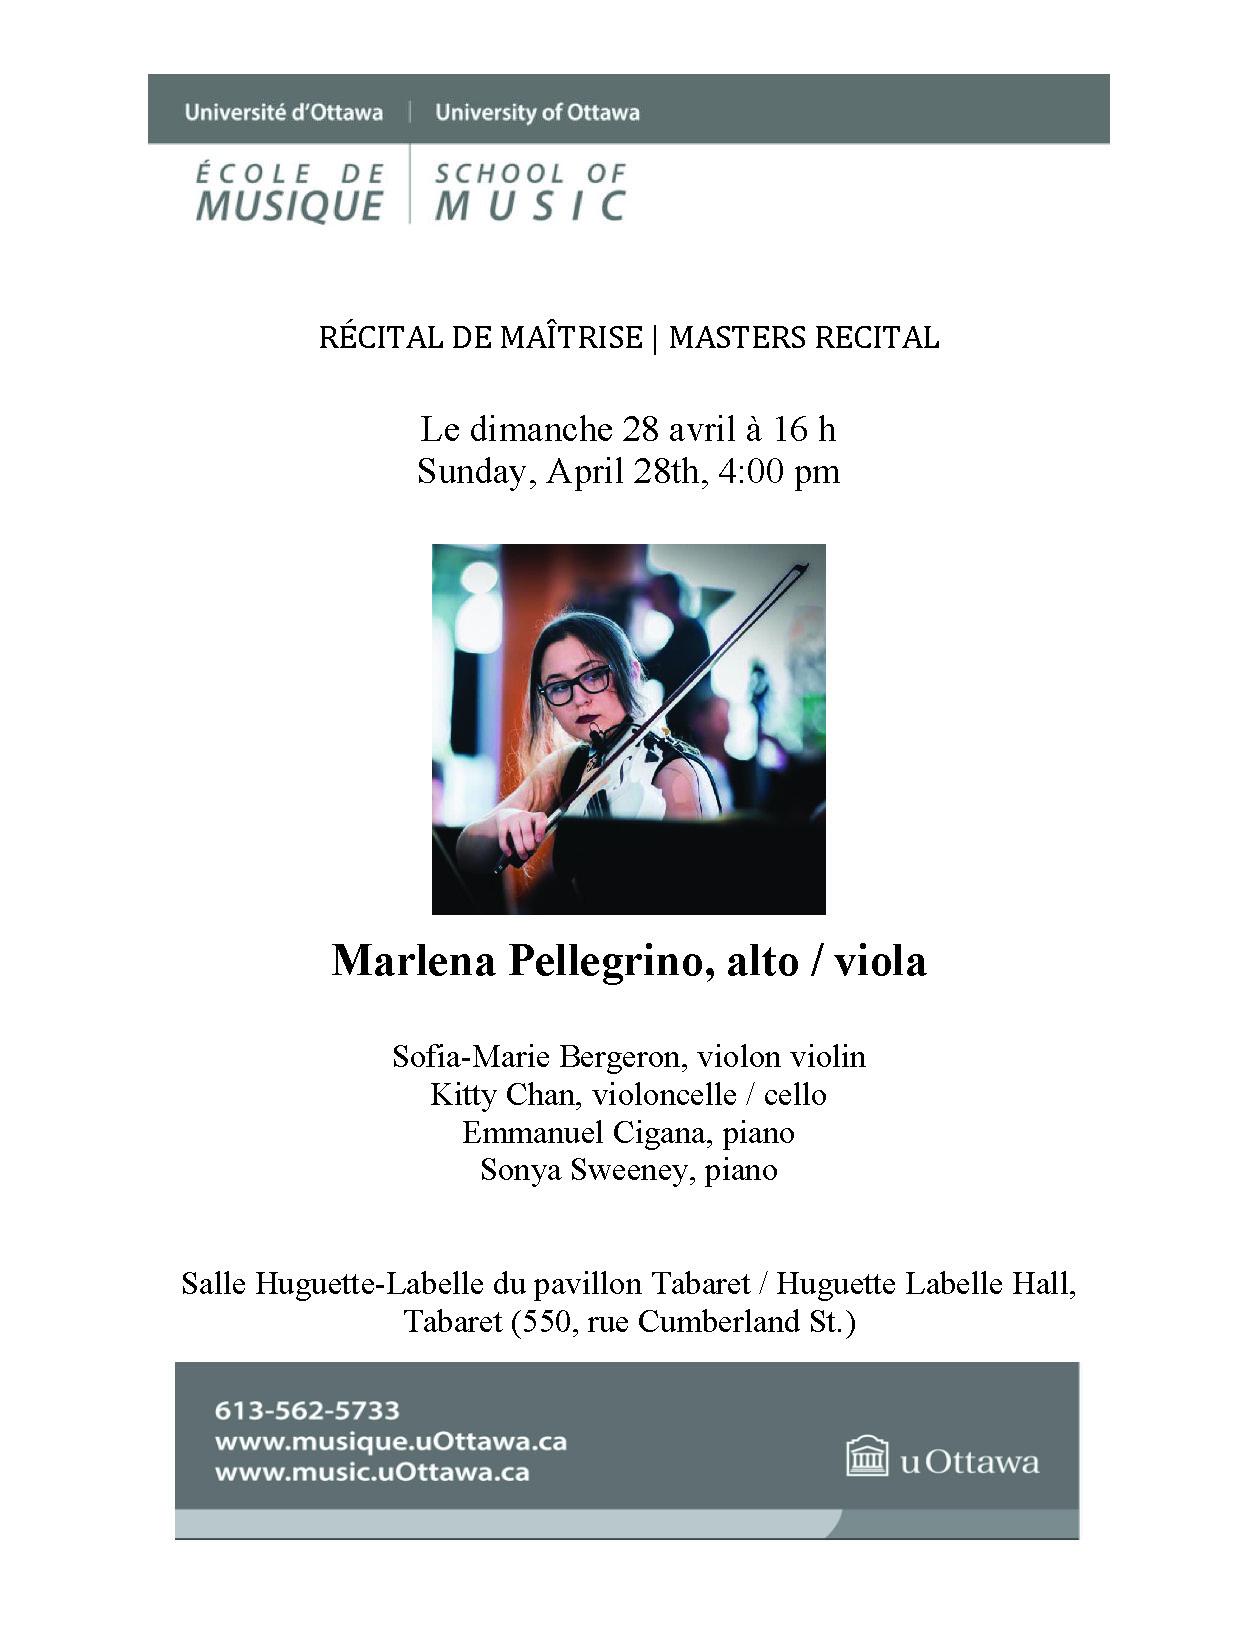 Marlena Pellegrino recital program, page 1